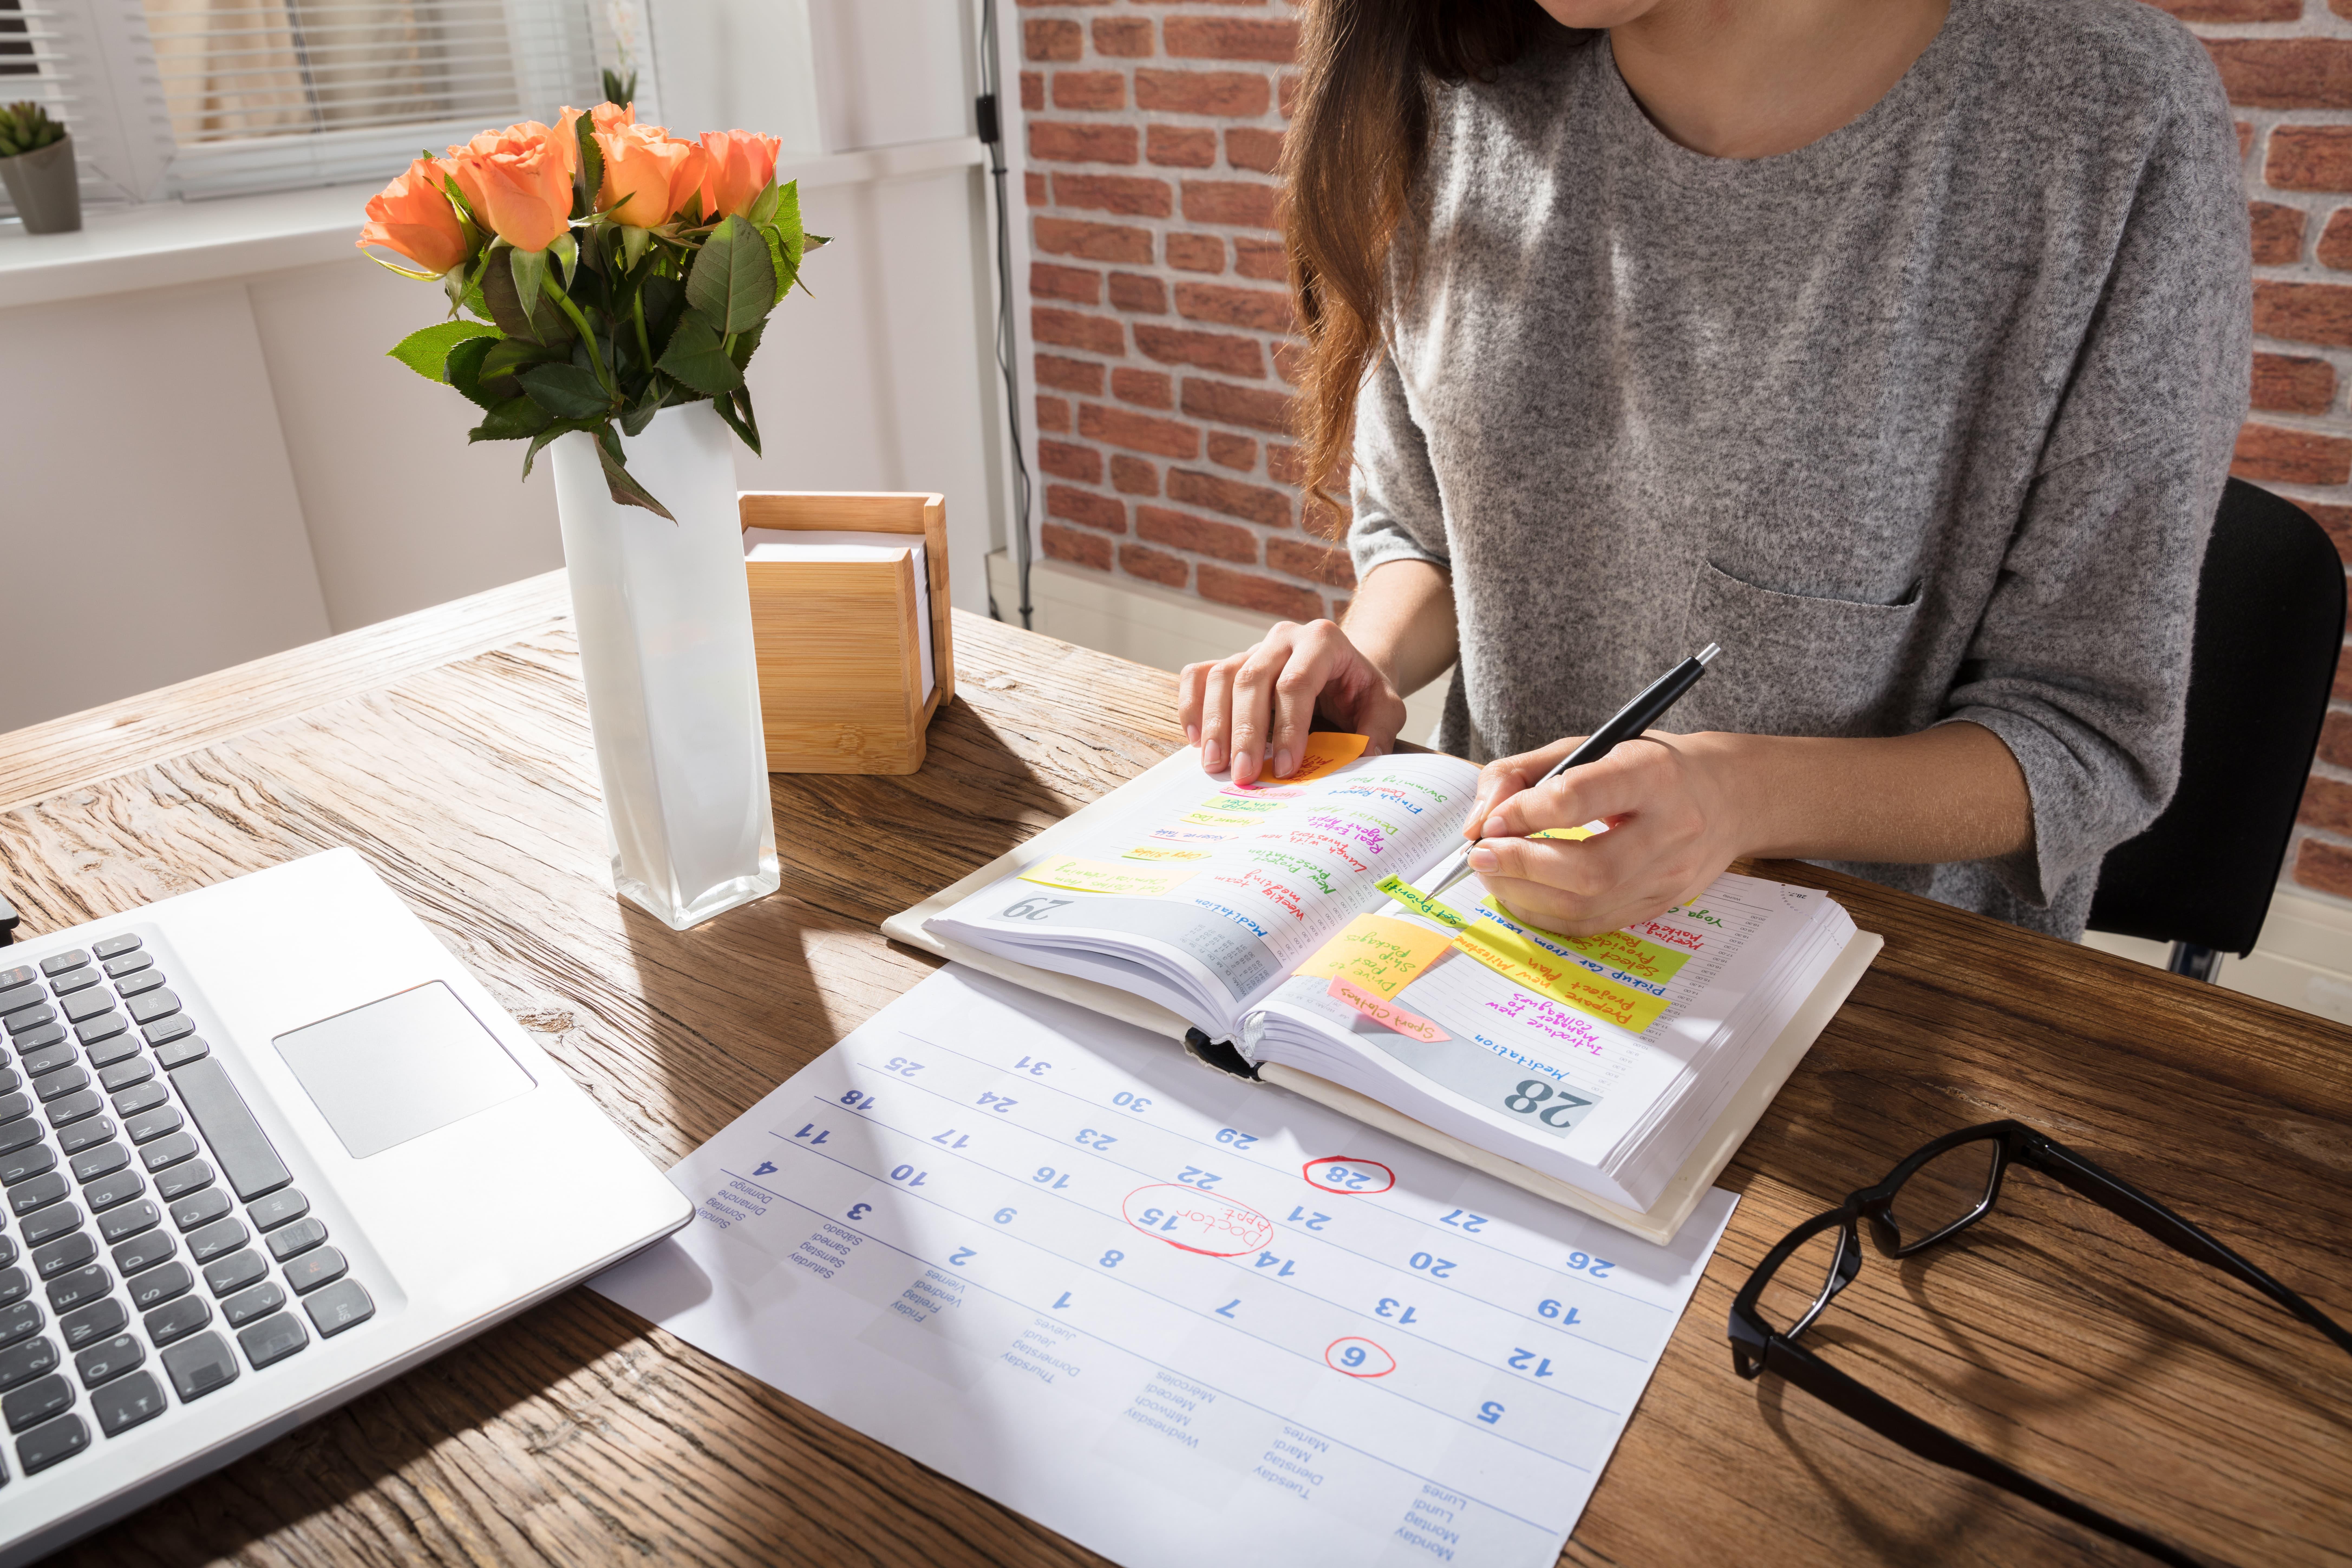 Women planning an agenda